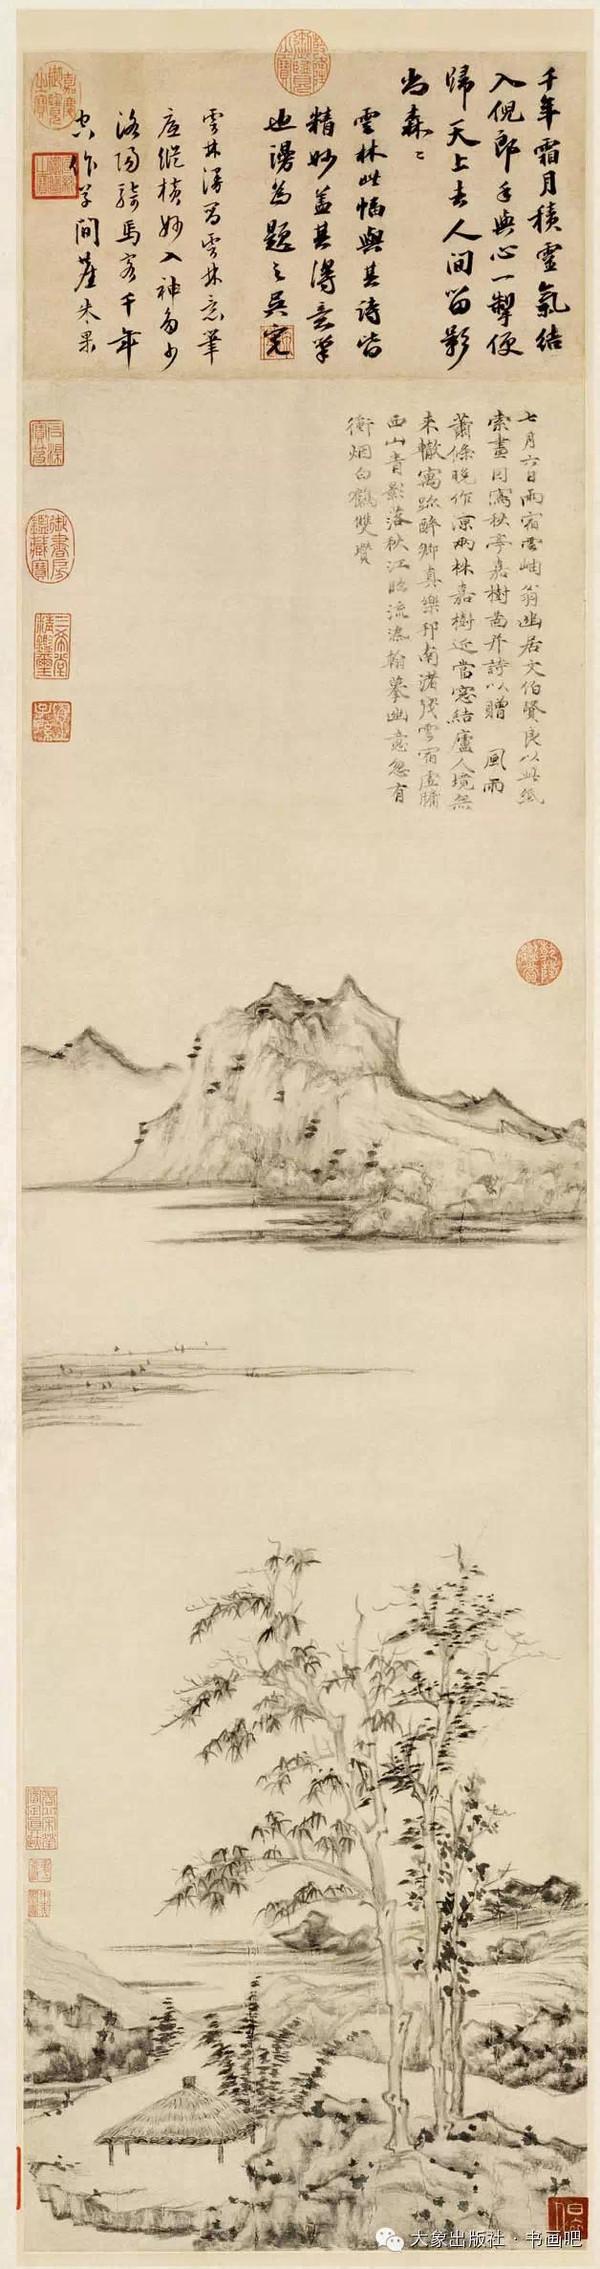 宋元时期山水画大家代表作品欣赏